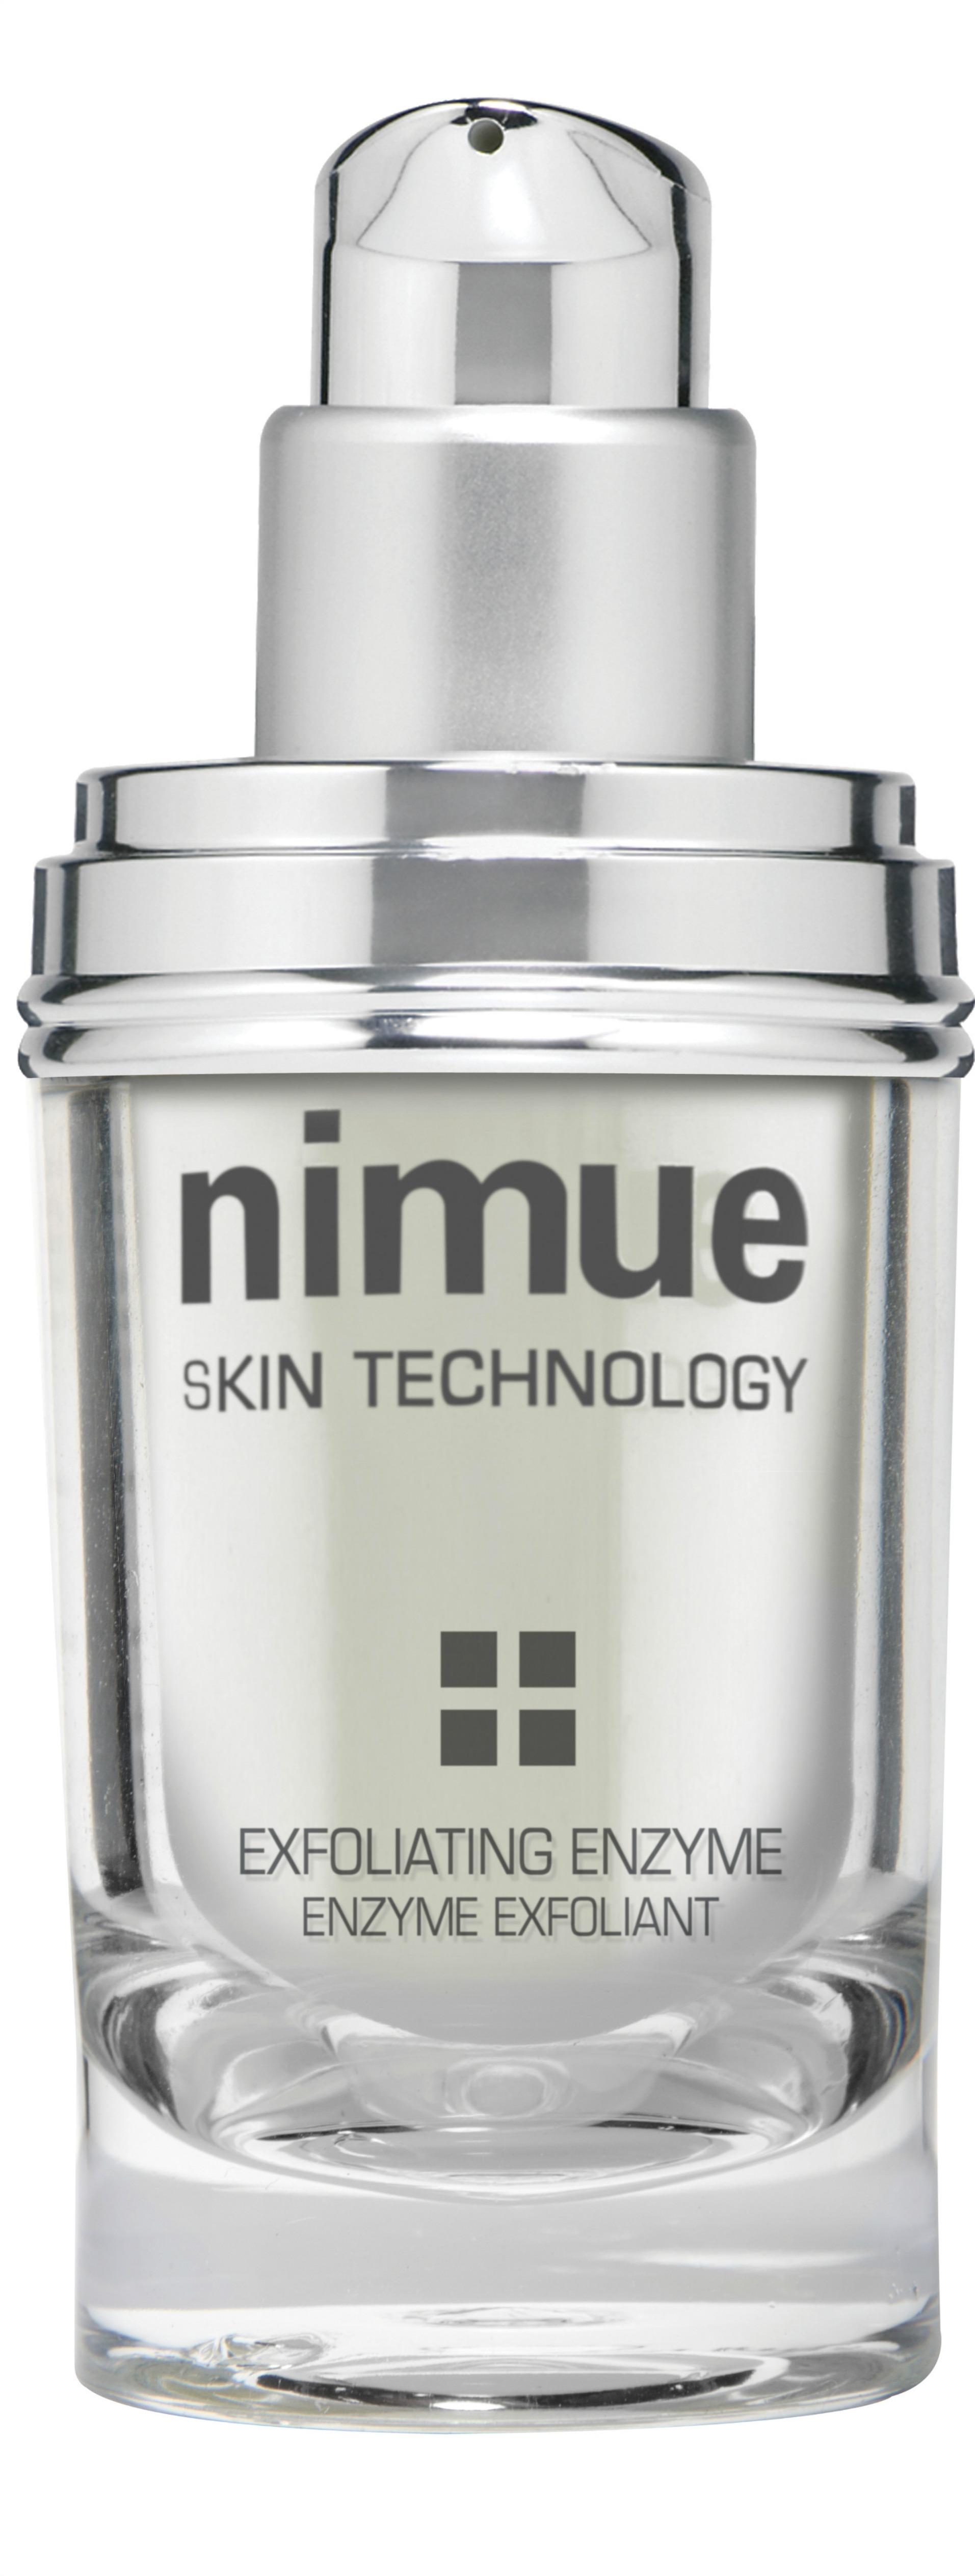 Exfoliating Enzyme udgør en vigtig del af Nimues hjemmeplejeprogram. Denne ikke-irriterende, biologiske peeling forfiner hudens tekstur og skaber en blød og strålende hud. Benyttes 2-3 gange ugentlig efter Cleansing Gel. Velegnet til: Miljøbelastet hud, hyperpigmenteret hud og problematisk hud. Ingredienser: Papaya- og ananasenzymer.